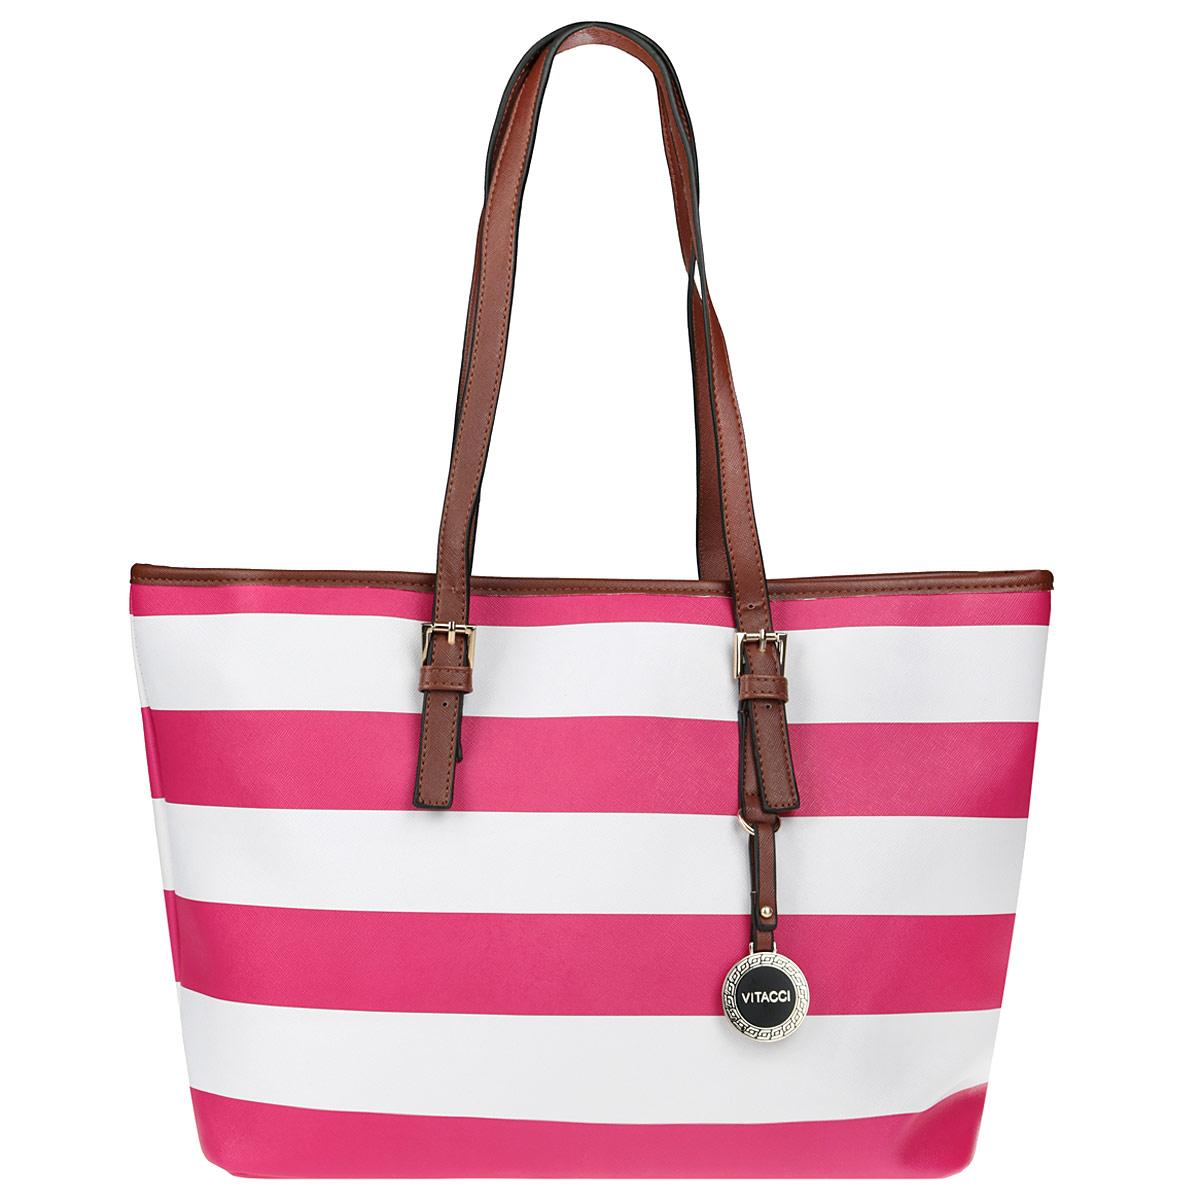 Сумка женская Vitacci, цвет: розовый, белый. NN014NN014Стильная женская сумка Vitacci выполнена из экокожи в полоску. Сумка имеет одно вместительное отделение, закрывающееся на застежку-молнию. Внутри - втачной карман на застежке-молнии и два накладных карманчика для мелочей и телефона. Модель оснащена двумя ручками, позволяющими носить сумку на плече. Они прочно крепятся к корпусу сумки, при желании можно регулировать высоту ручек. На одной ручке подвеска с логотипом фирмы. Сумка - это стильный аксессуар, который подчеркнет вашу изысканность и индивидуальность и сделает ваш образ завершенным.